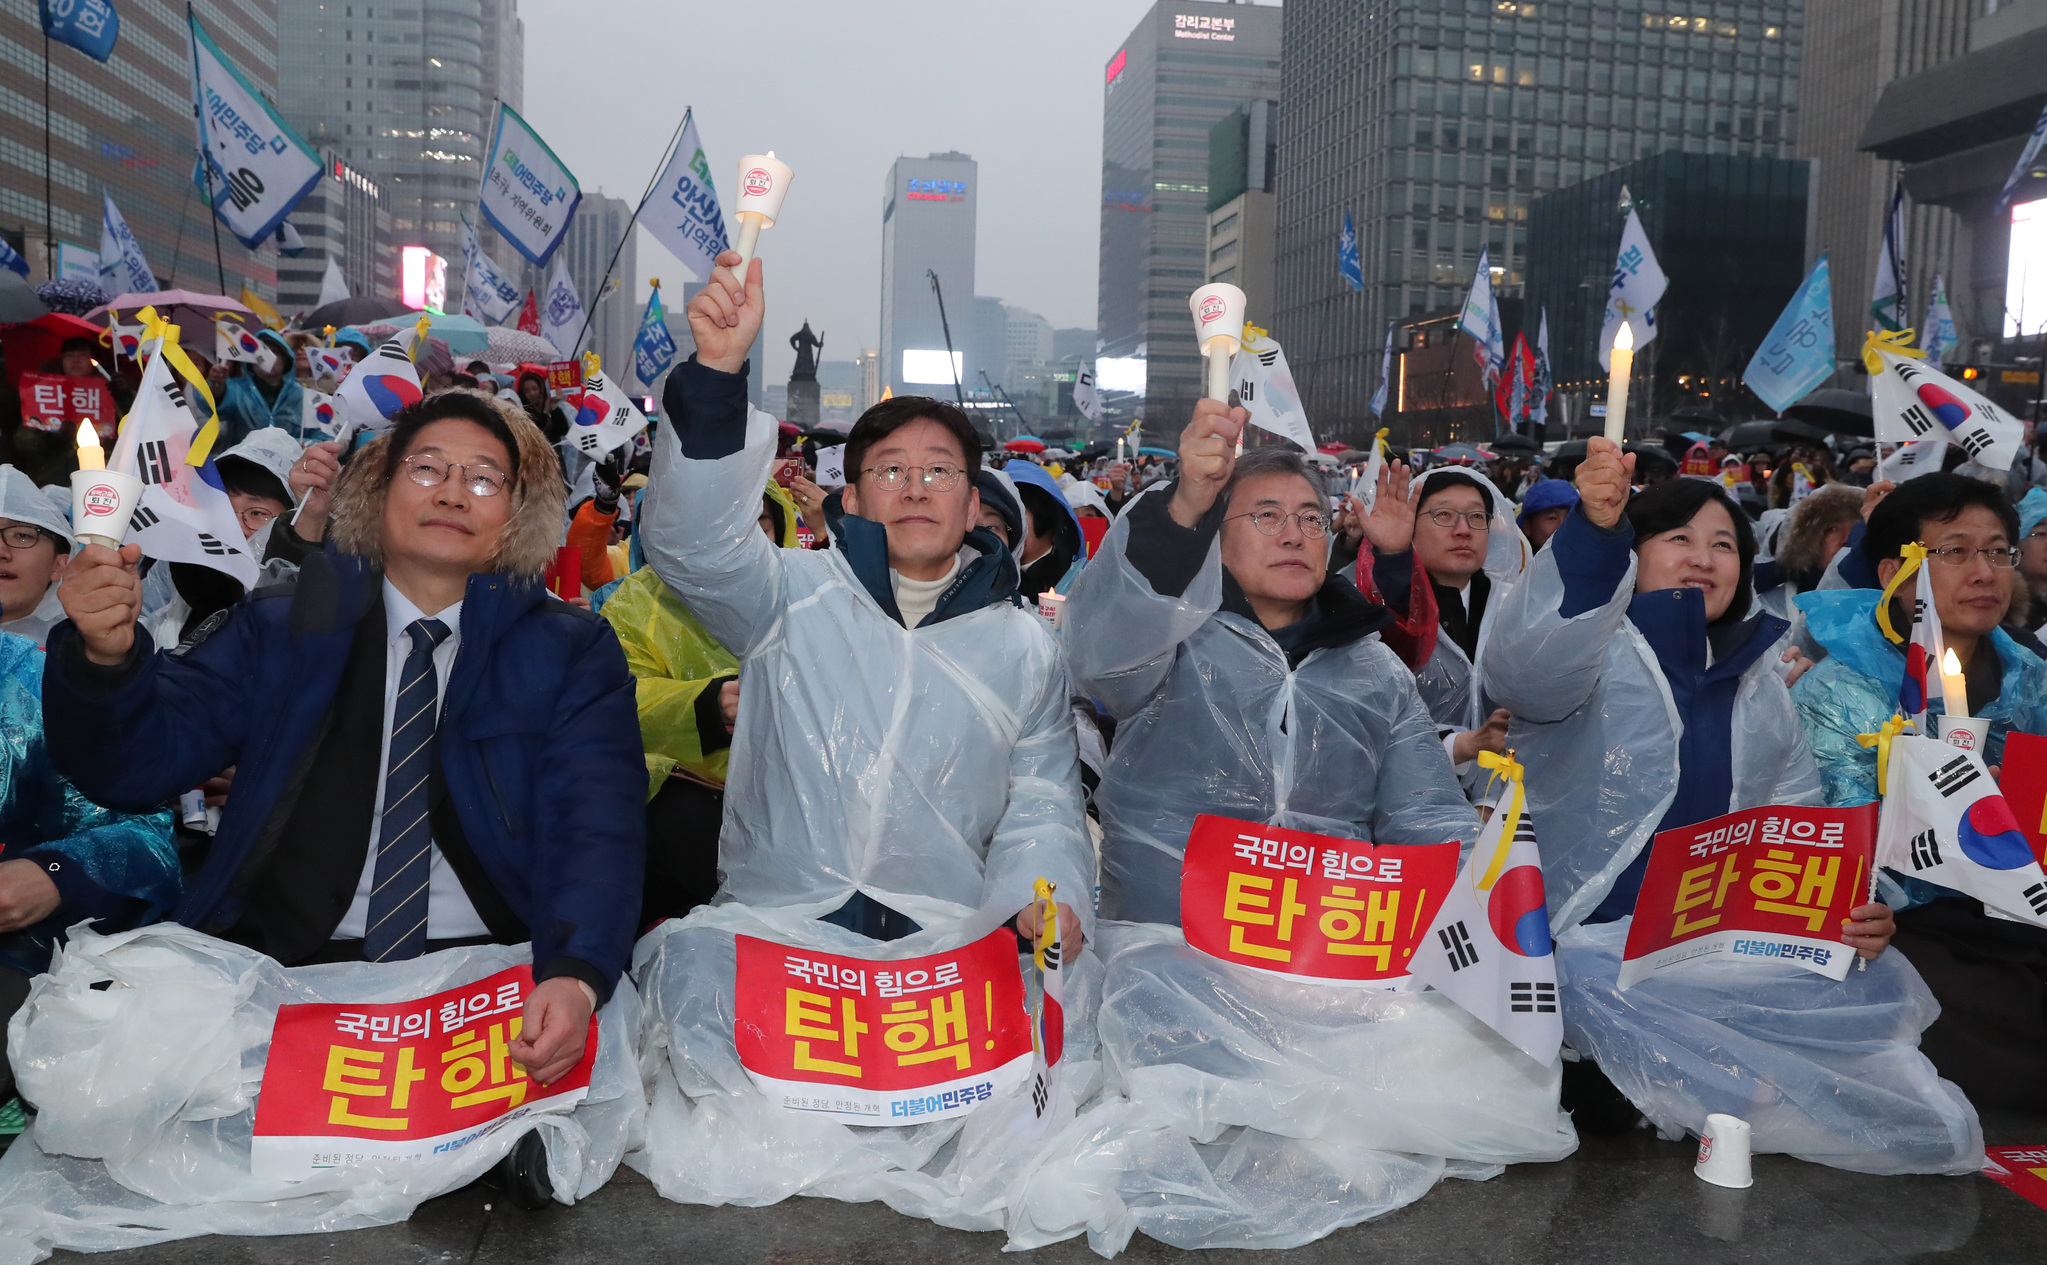 1일 오후 서울 광화문 광장에서 촛불집회가 열렸다. 이날 행사에 참가한 문재인 전 더불어민주당 대표와 이재명 성남 시장 등이 구호를 외치고 있다. 전민규 기자